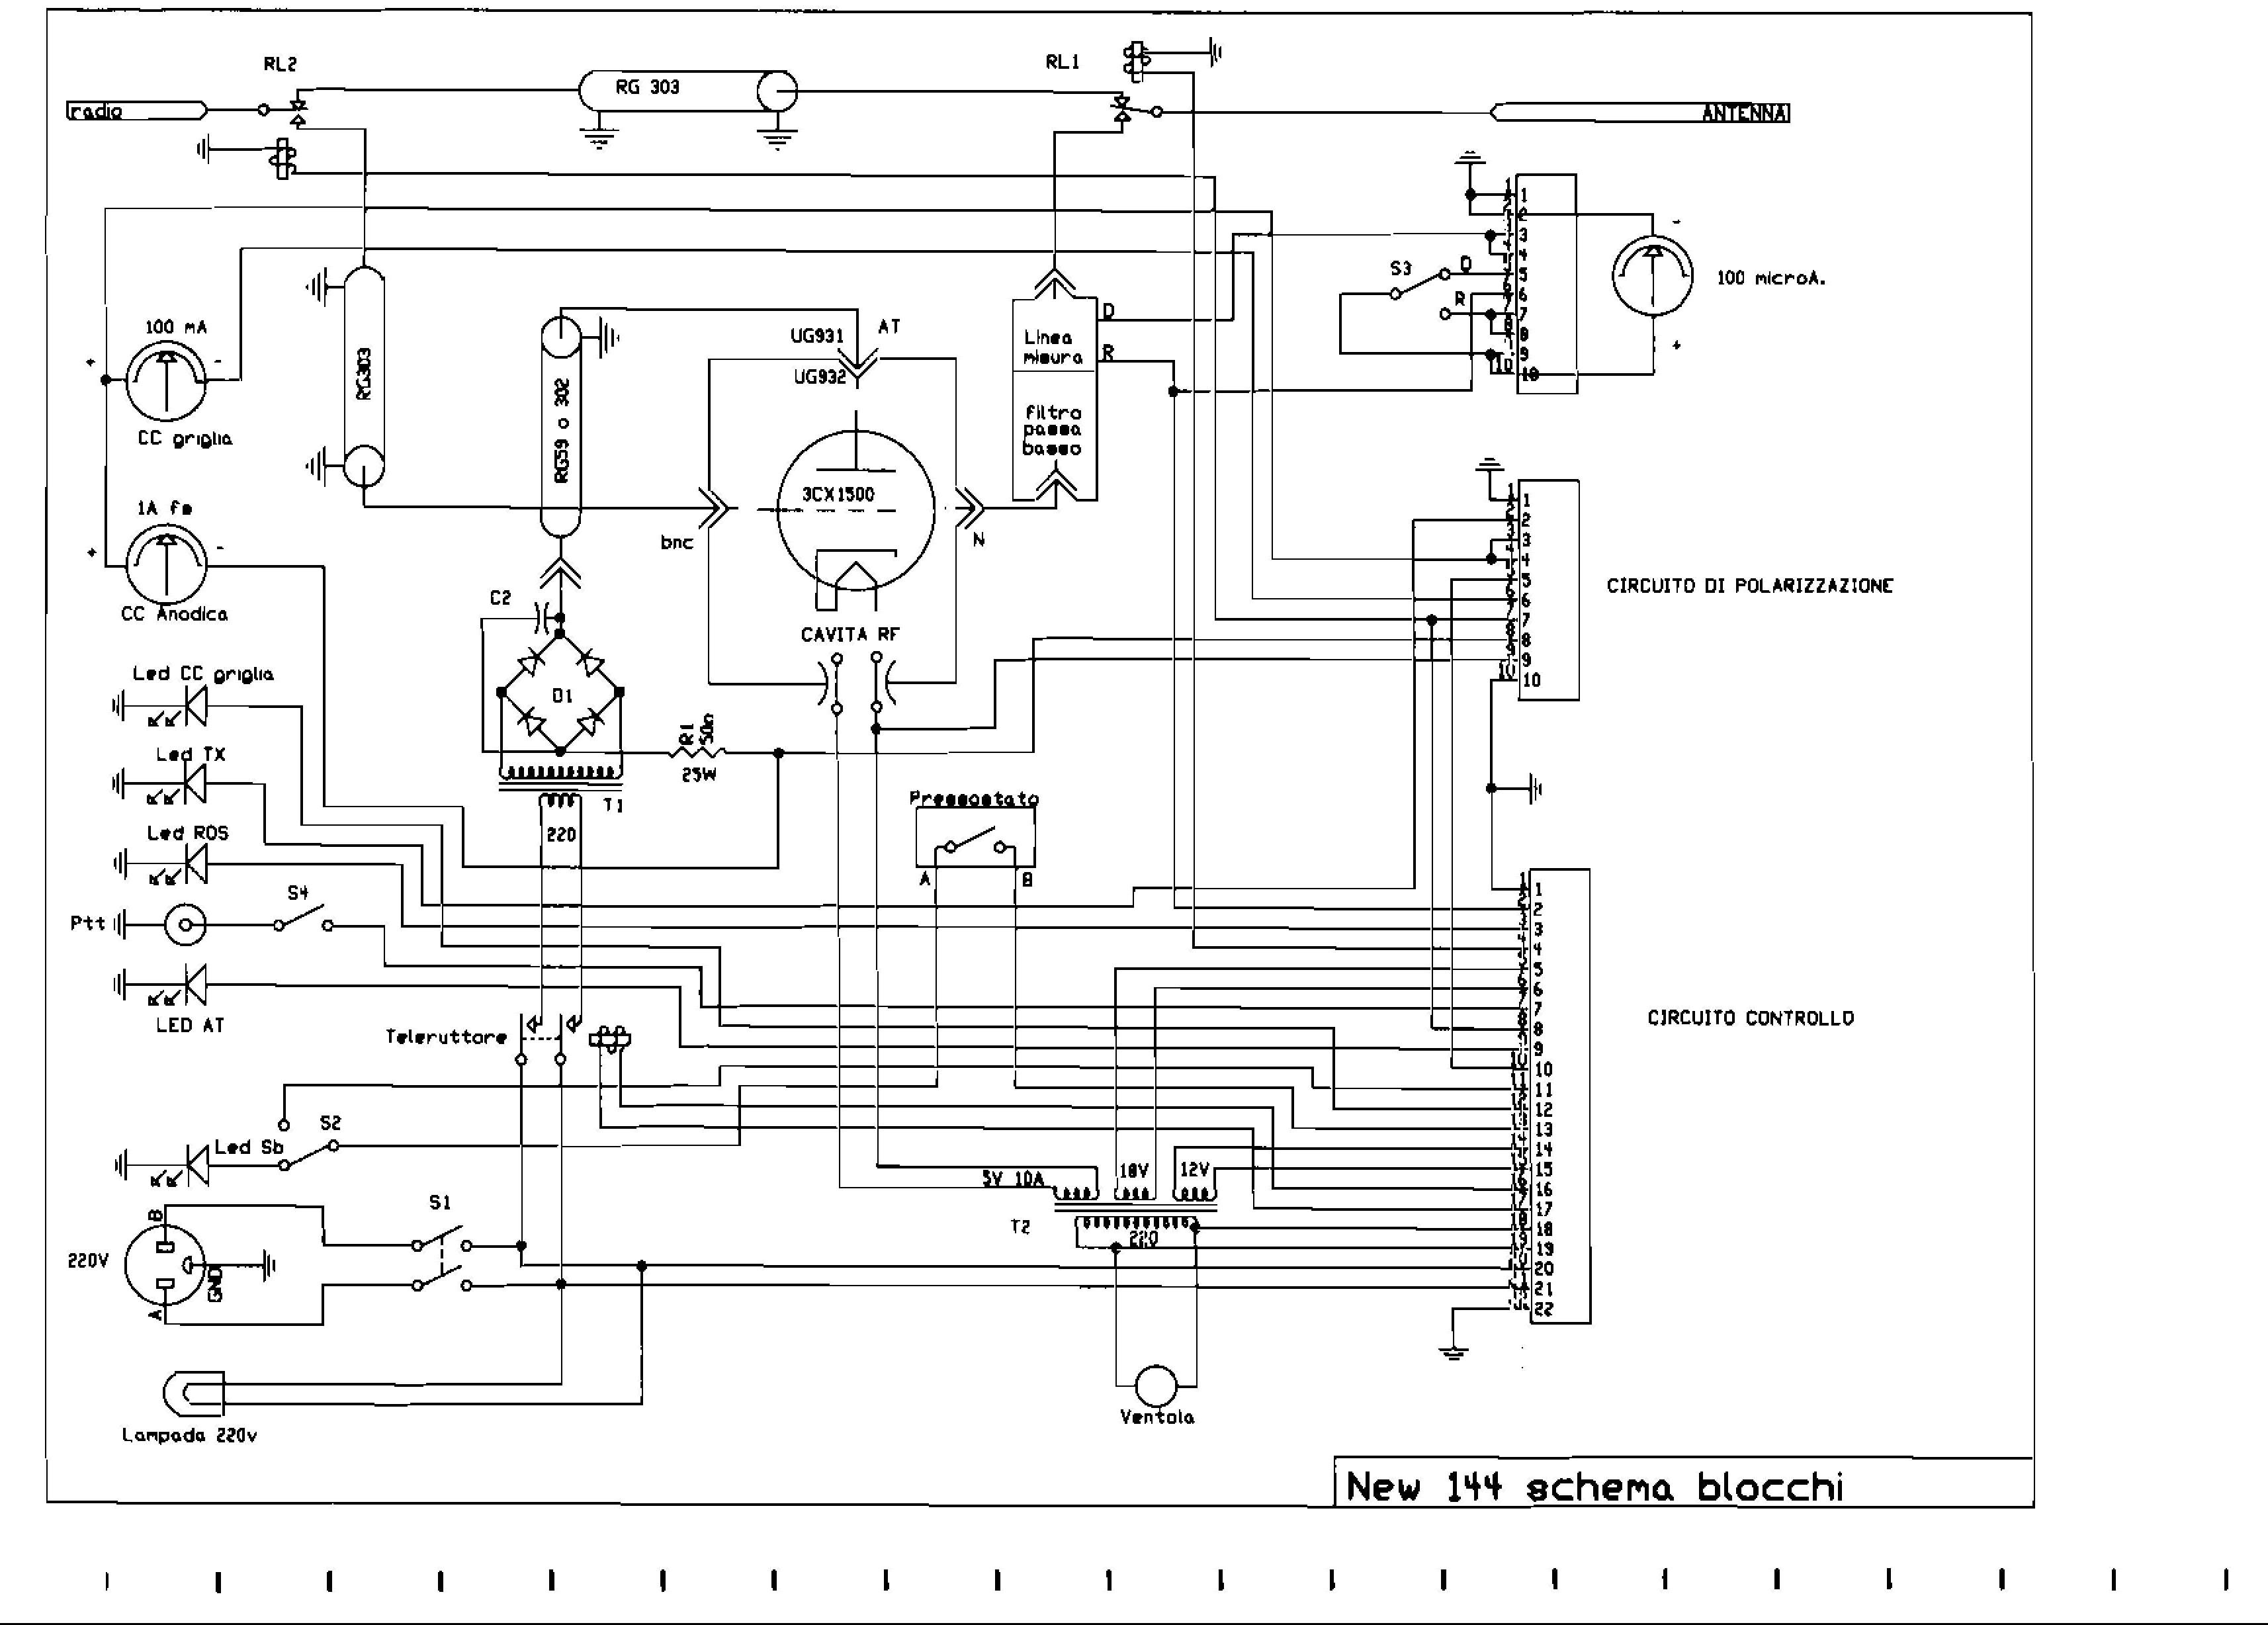 Schema Collegamento Equalizzatore Amplificatore : Schema collegamento filtro lte emme esse antenna system